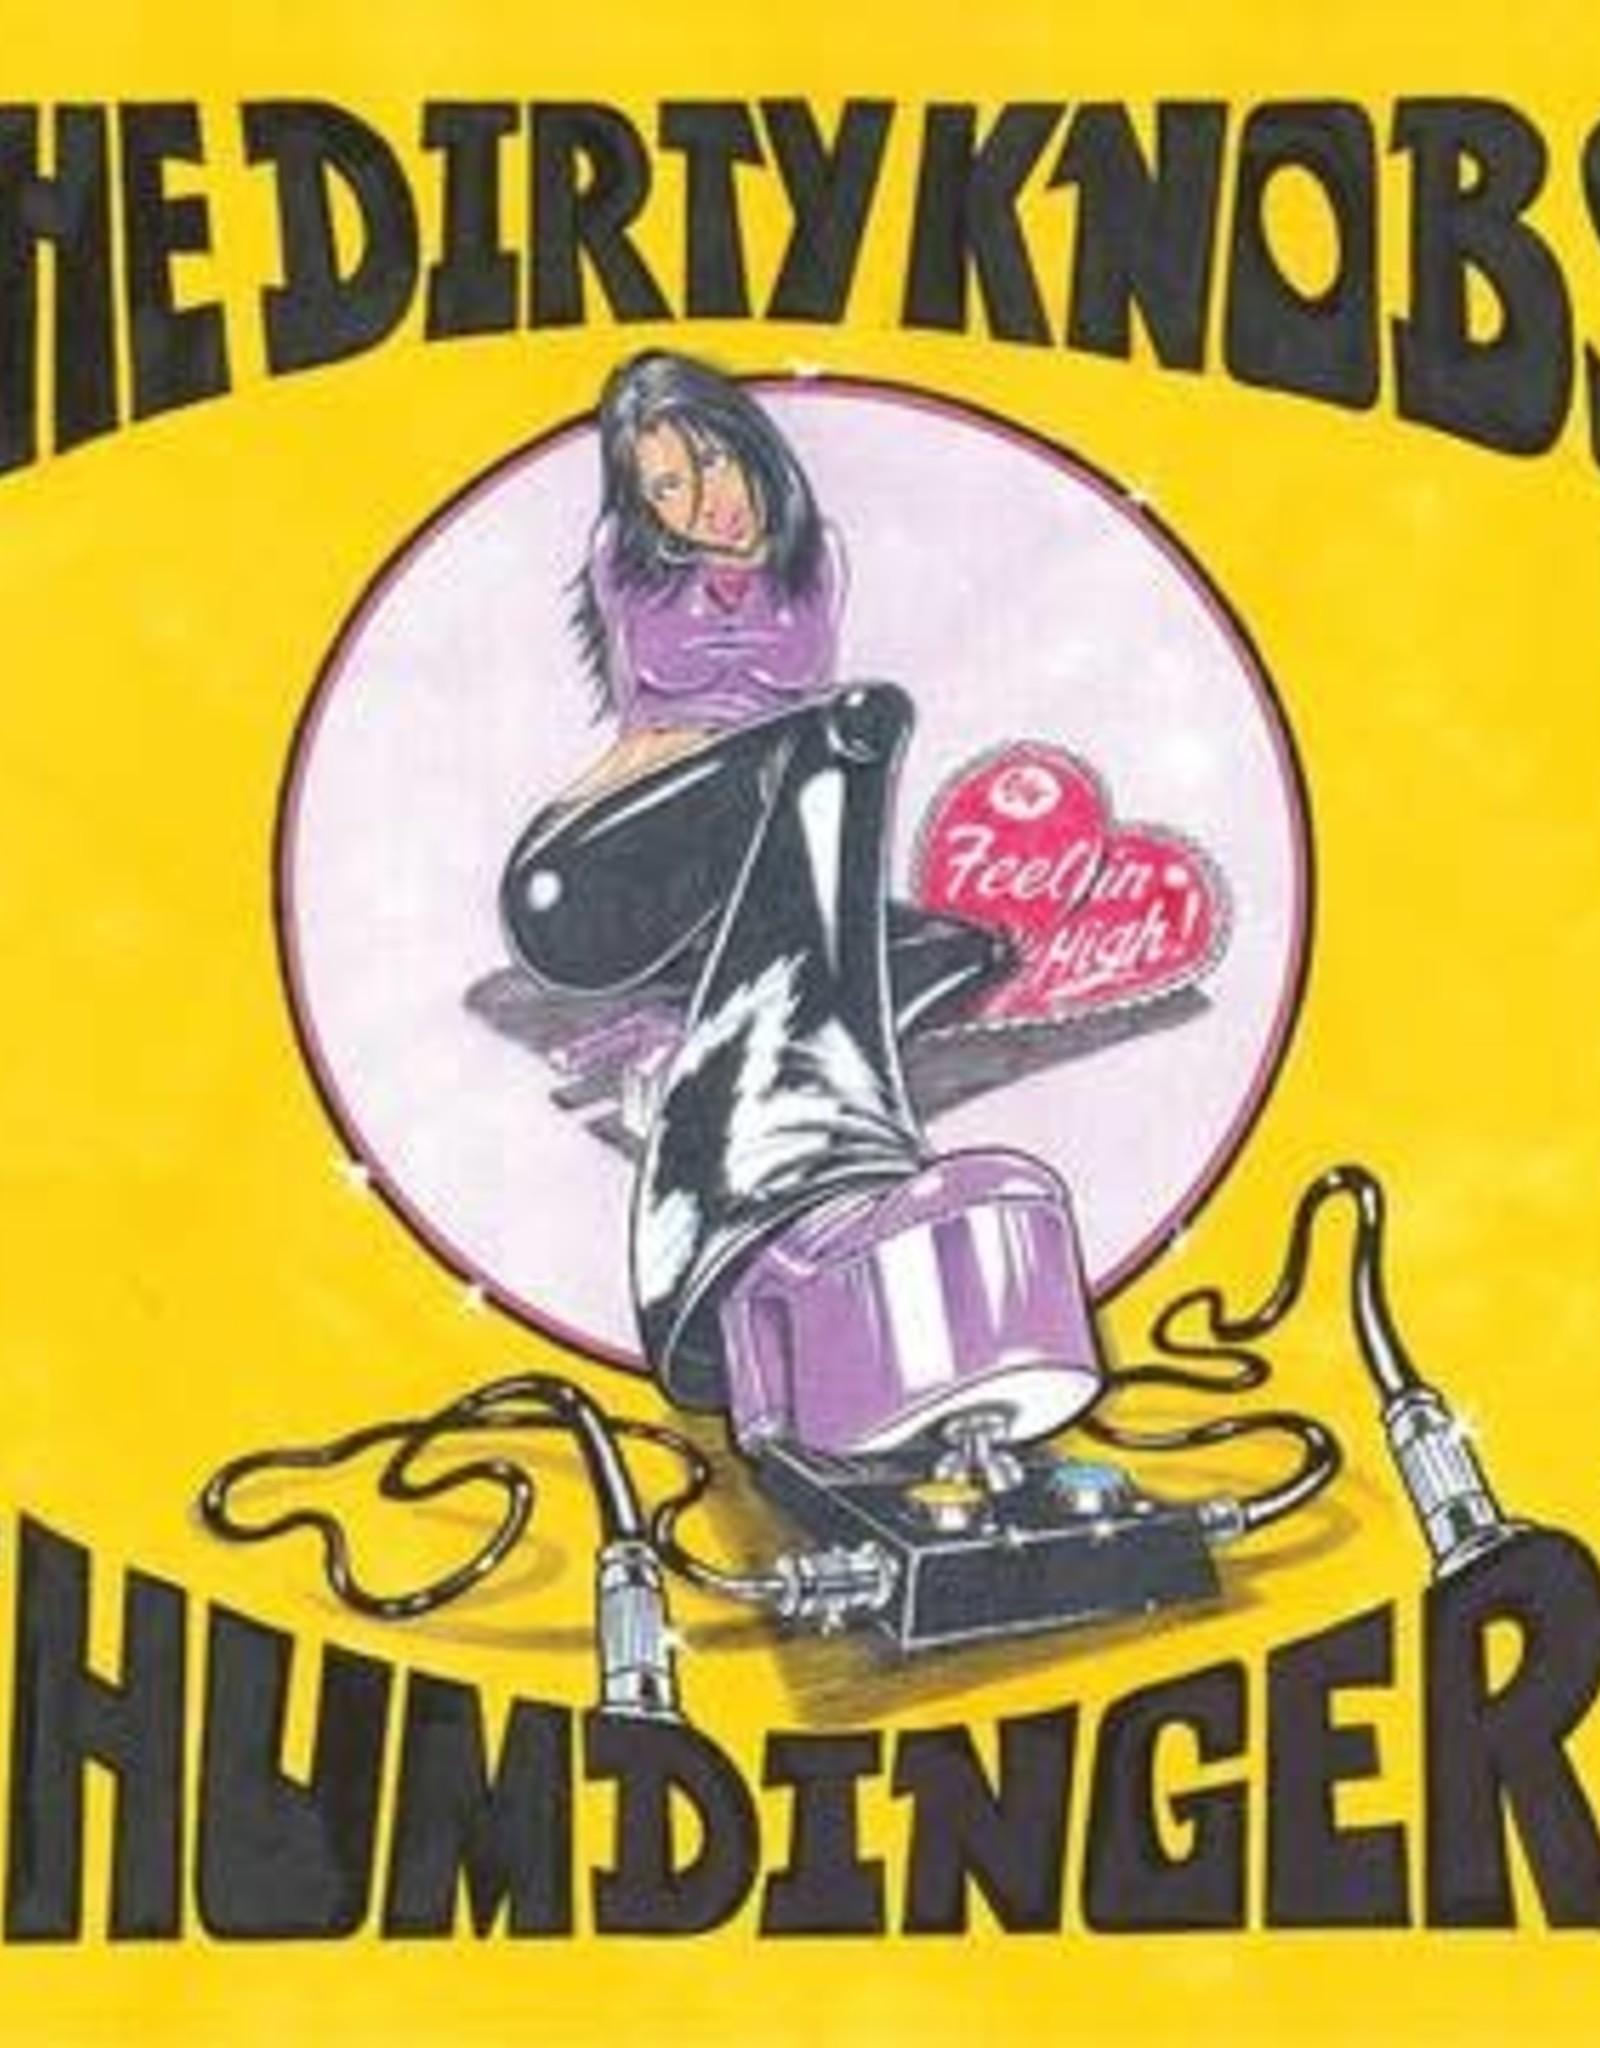 The Dirty Knobs - Humdinger / Feelin High (RSD 7/21)